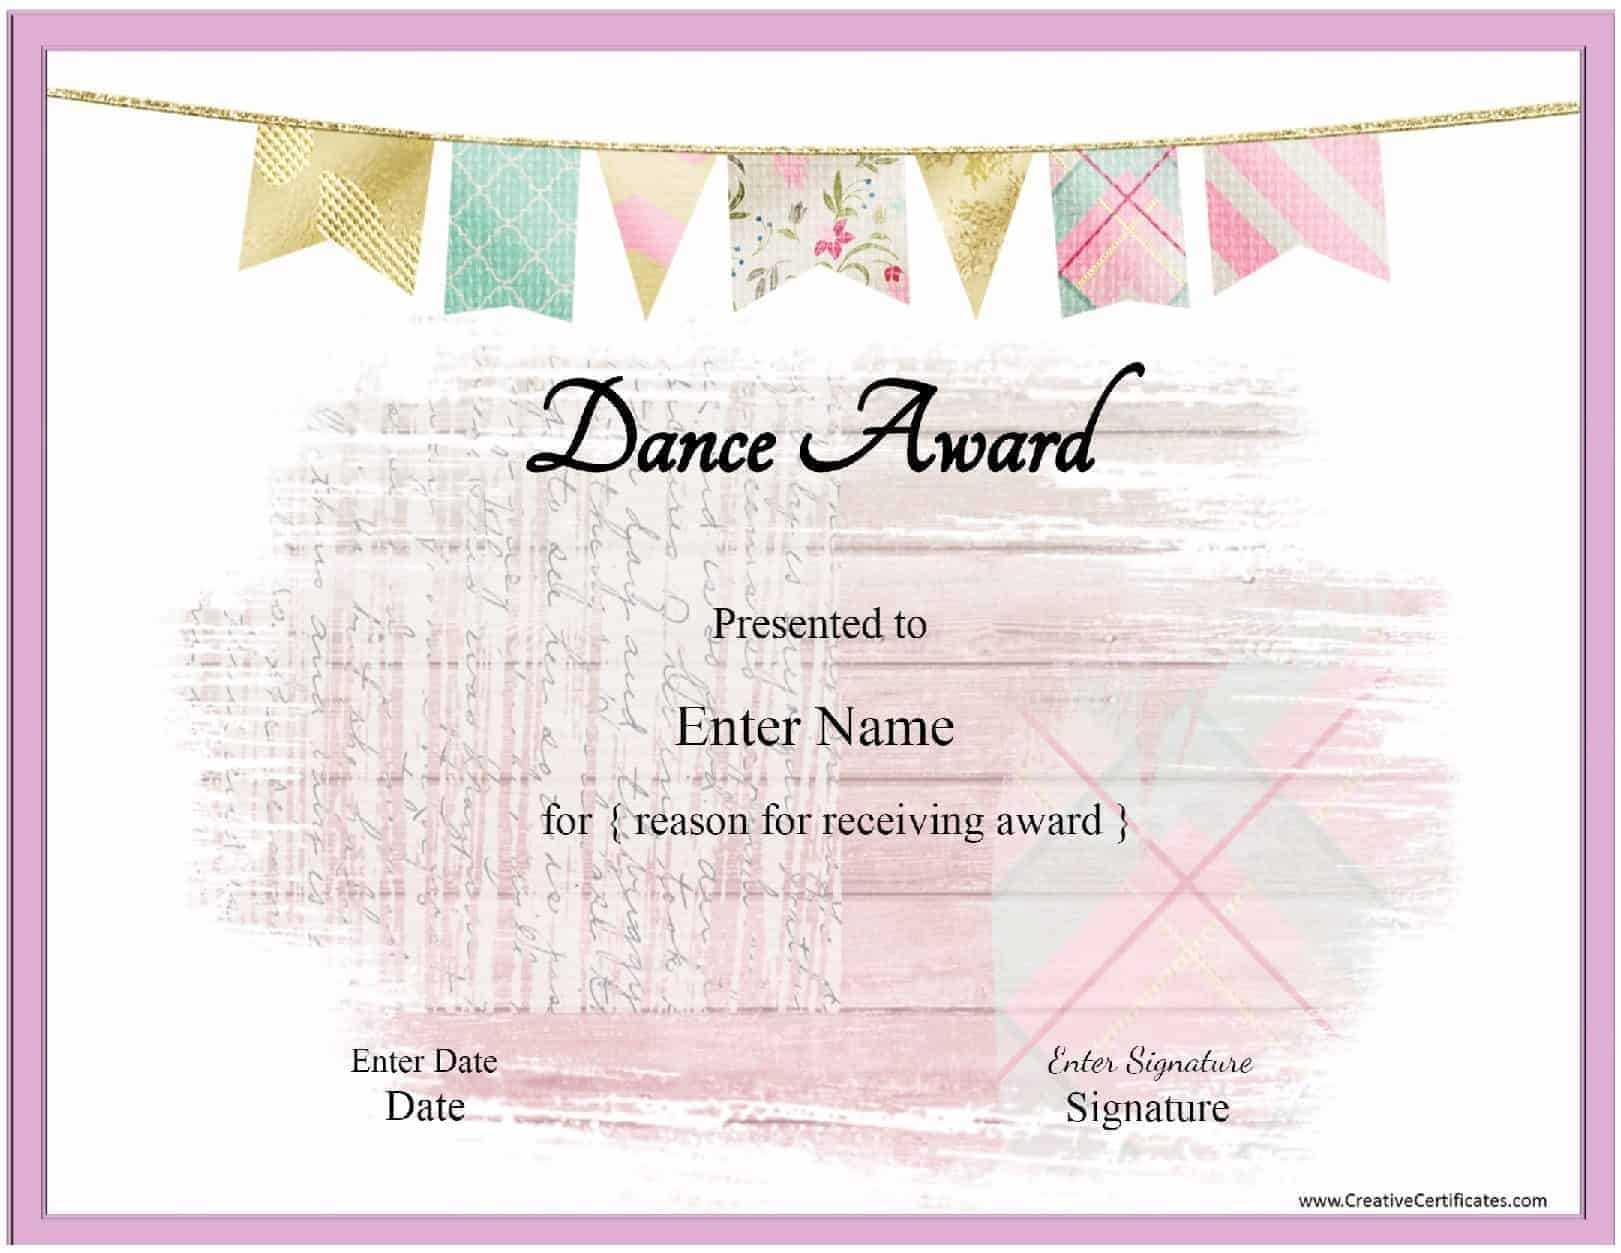 Free Dance Certificate Template - Customizable And Printable Within Dance Certificate Template